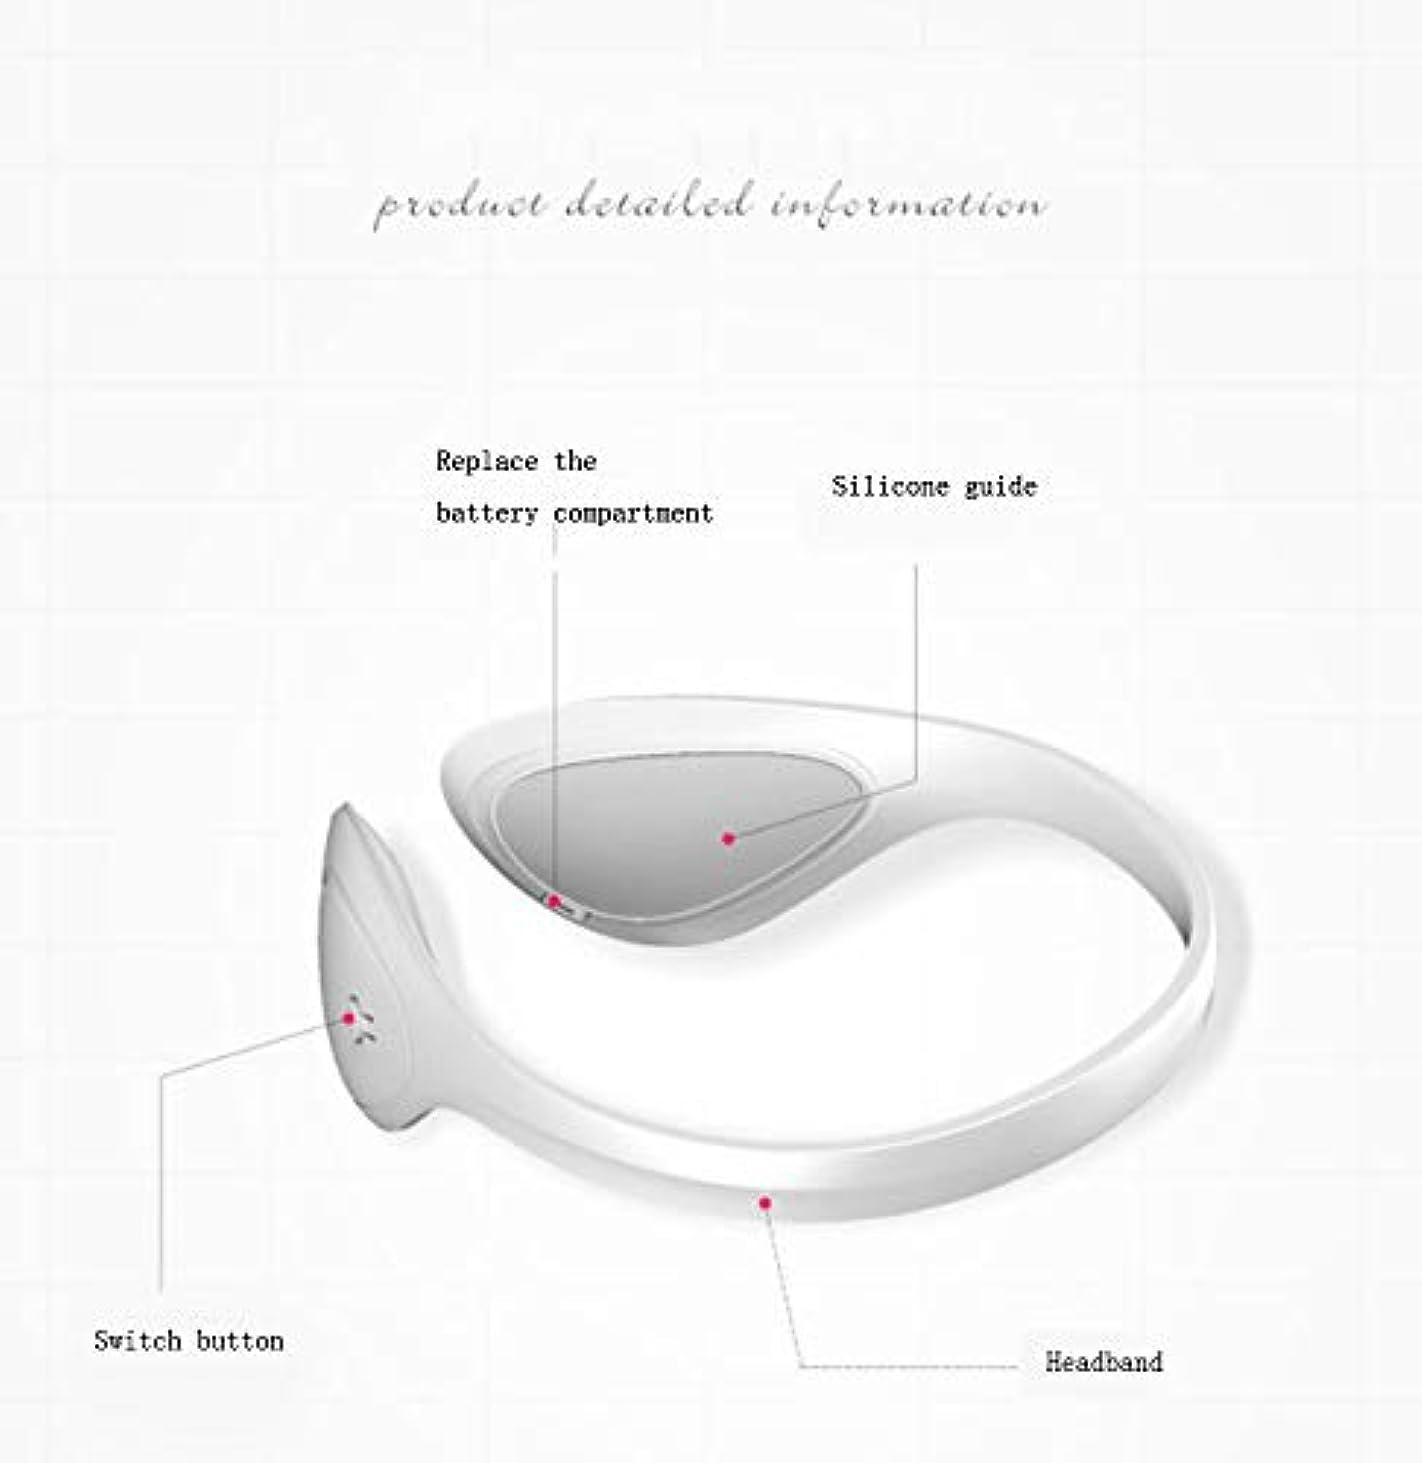 味浴気付くLquide Sonic Beauty Instrument Face Lift Artifact V Face Bandage Mandible Mass Bone Masseter Correction Face Silicone...